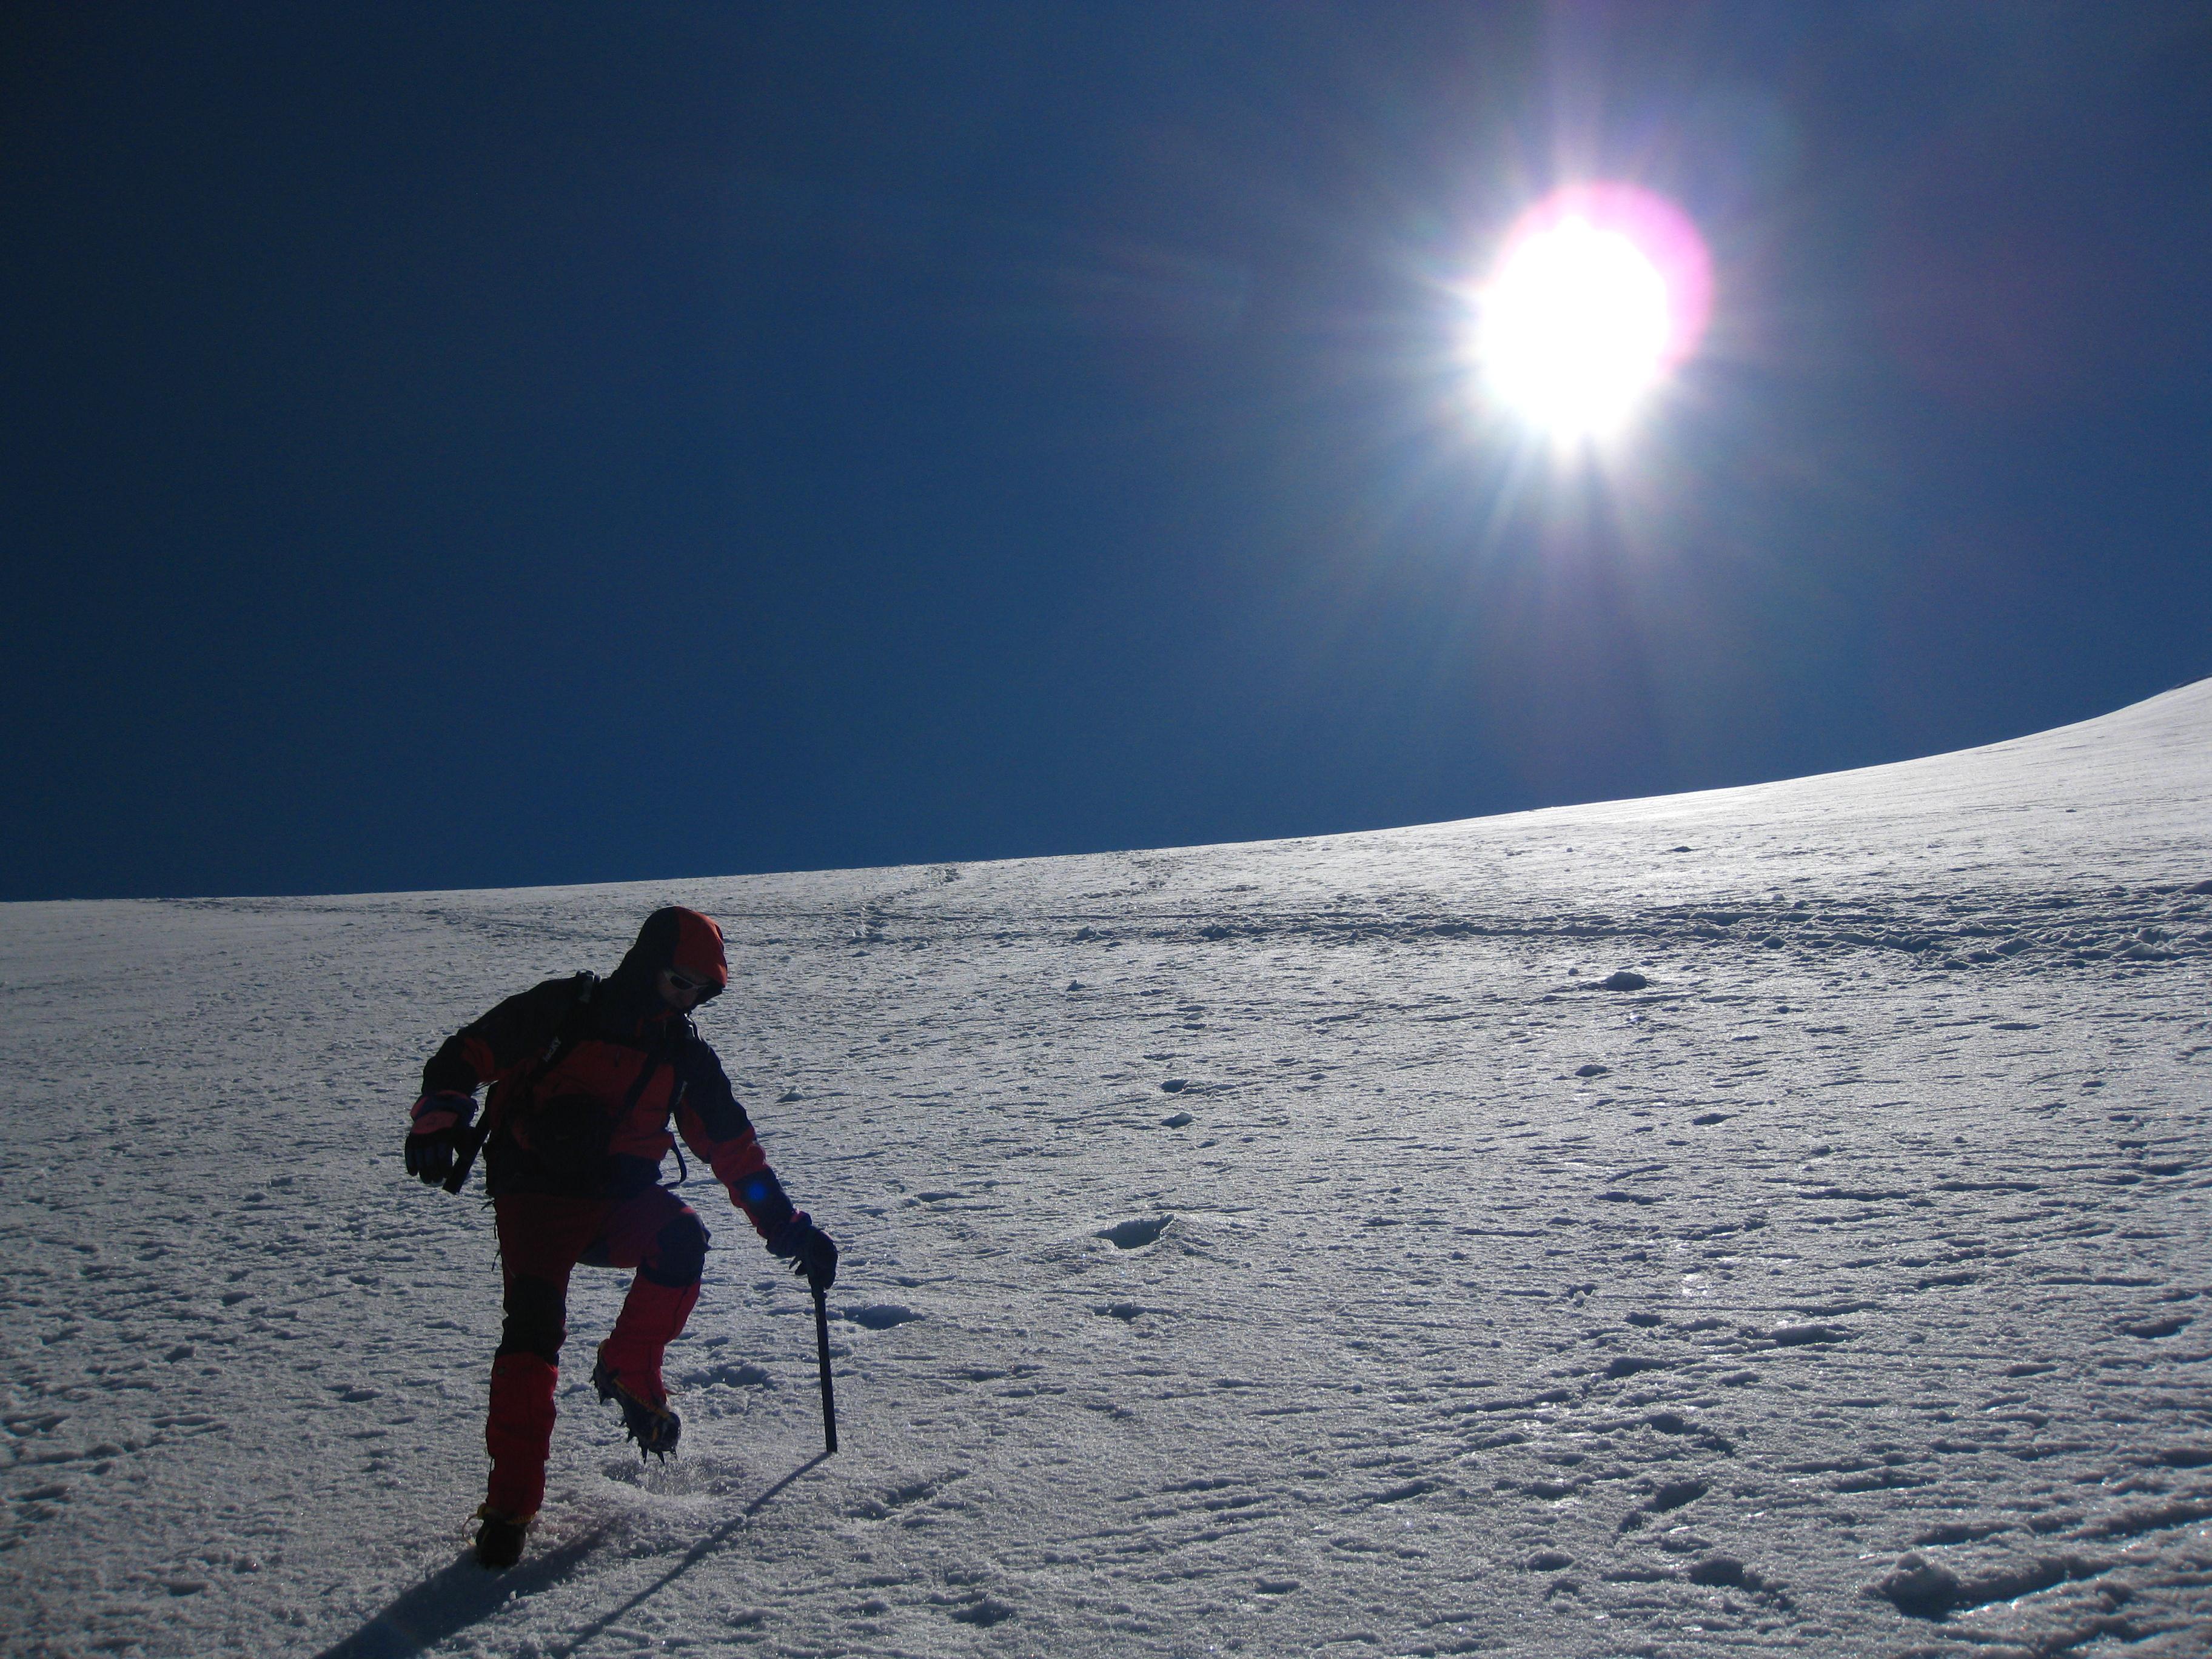 82f392e994 Técnicas de progresión para montaña invernal - Montaña Segura